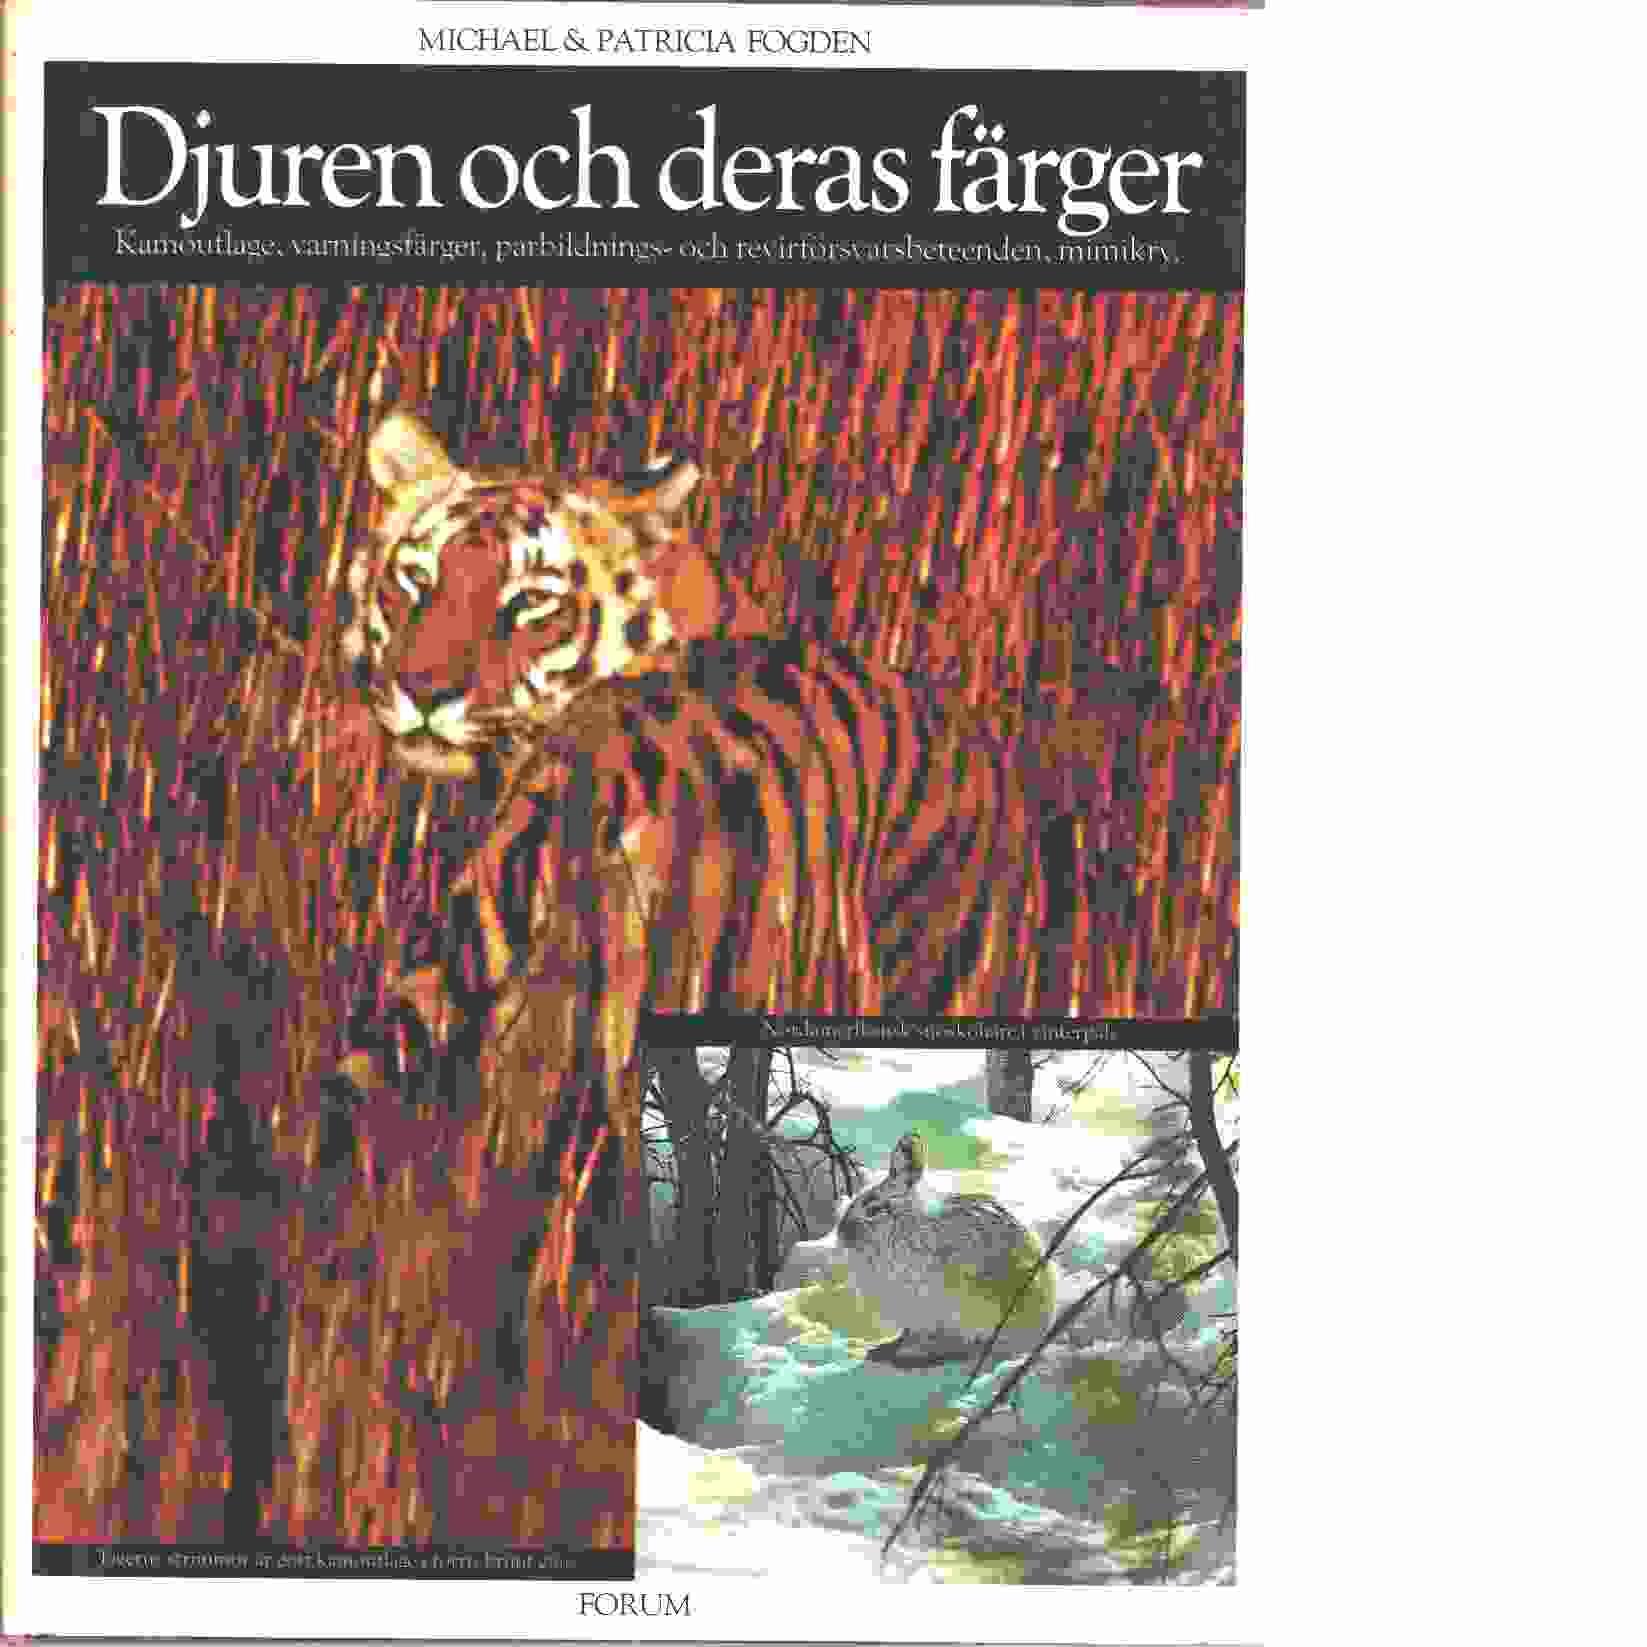 Djuren och deras färger : kamouflage, varningsfärger, parbildnings- och revirförsvarsbeteenden, mimikryp - Fogden, Michael och Fogden, Patricia